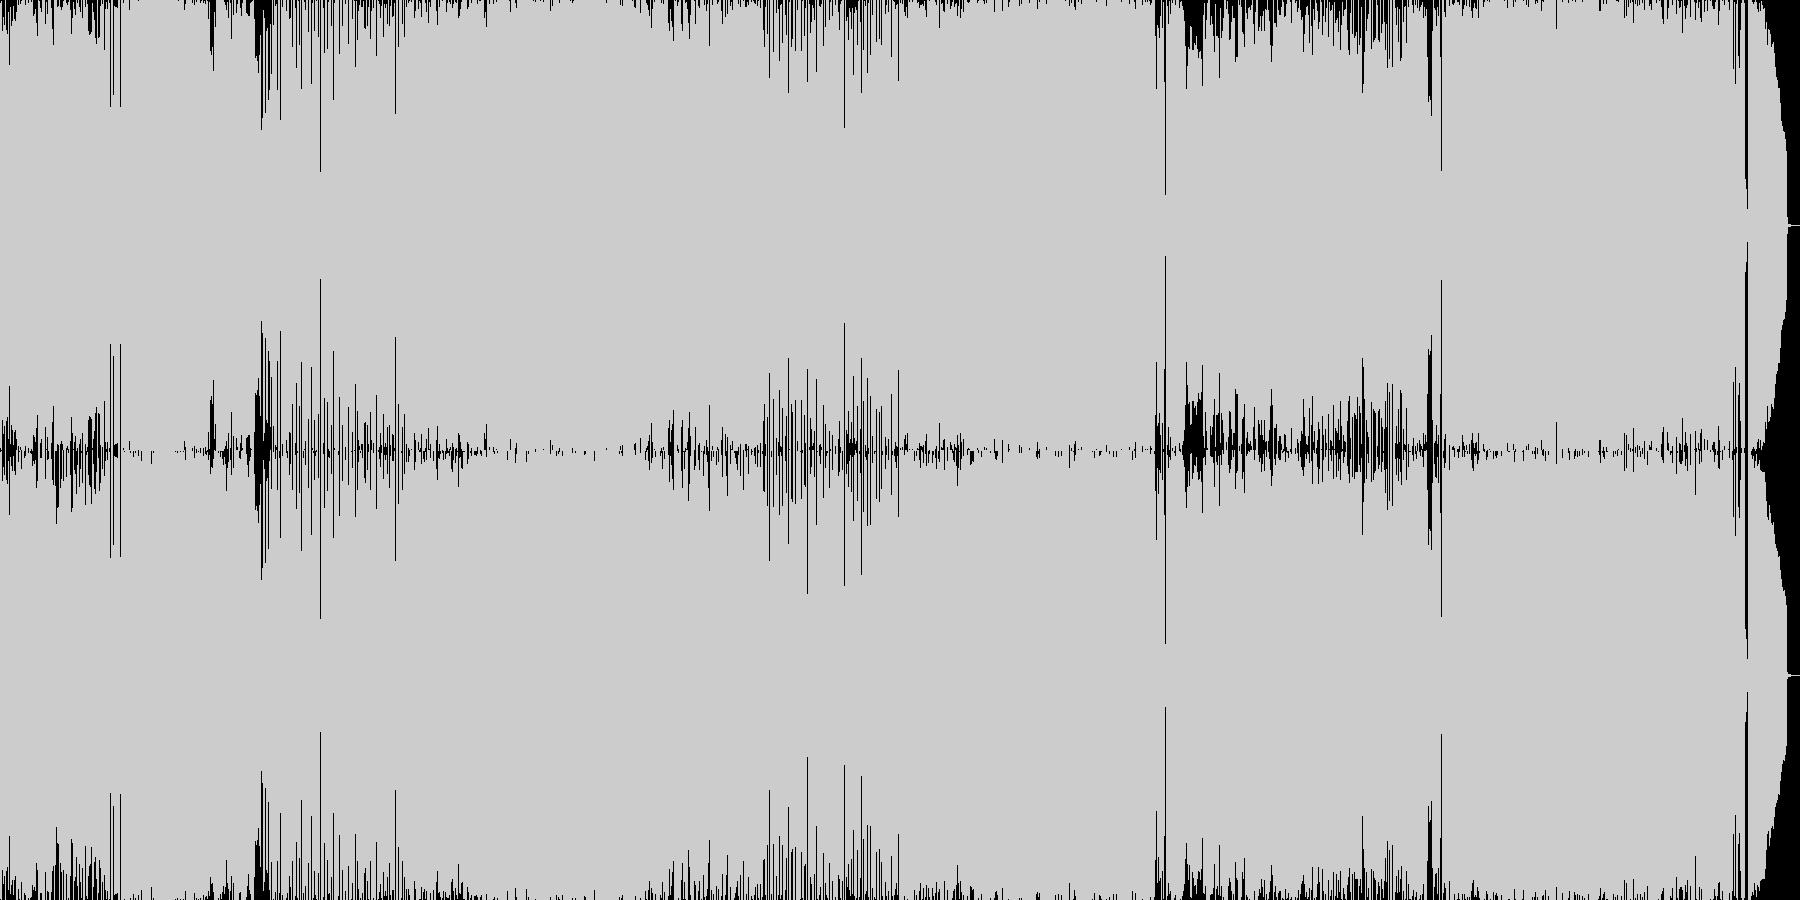 メロコア調のノリの良い楽曲の未再生の波形